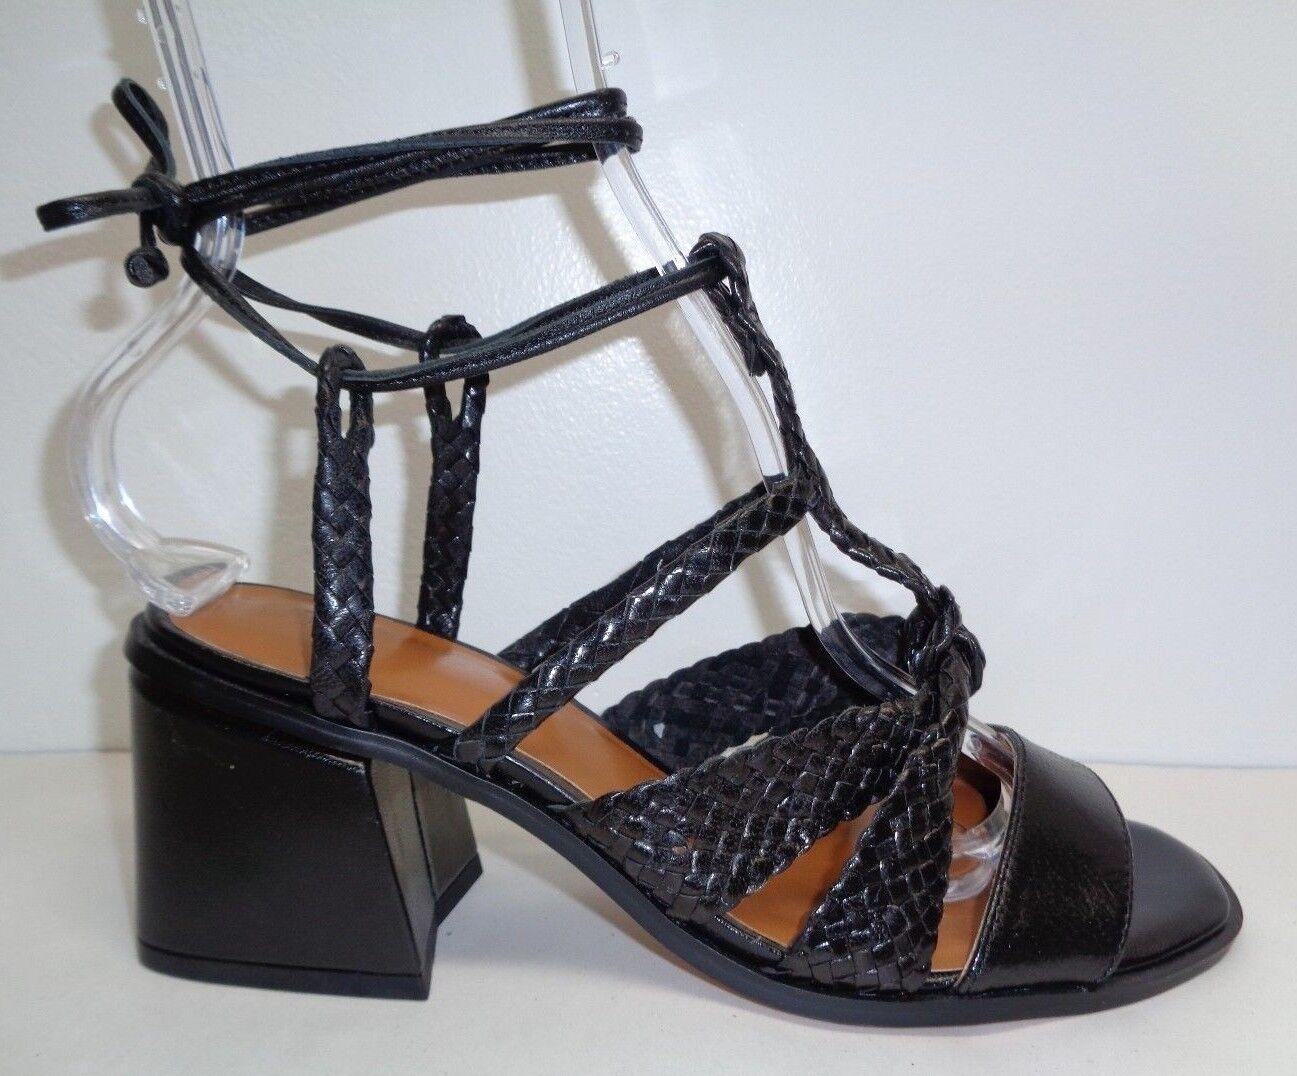 H By Halston Talla 8.5 Tacos Negro Cuero Cuero Cuero Trenzado Piper Sandalias nuevo Zapatos para mujer  muchas sorpresas